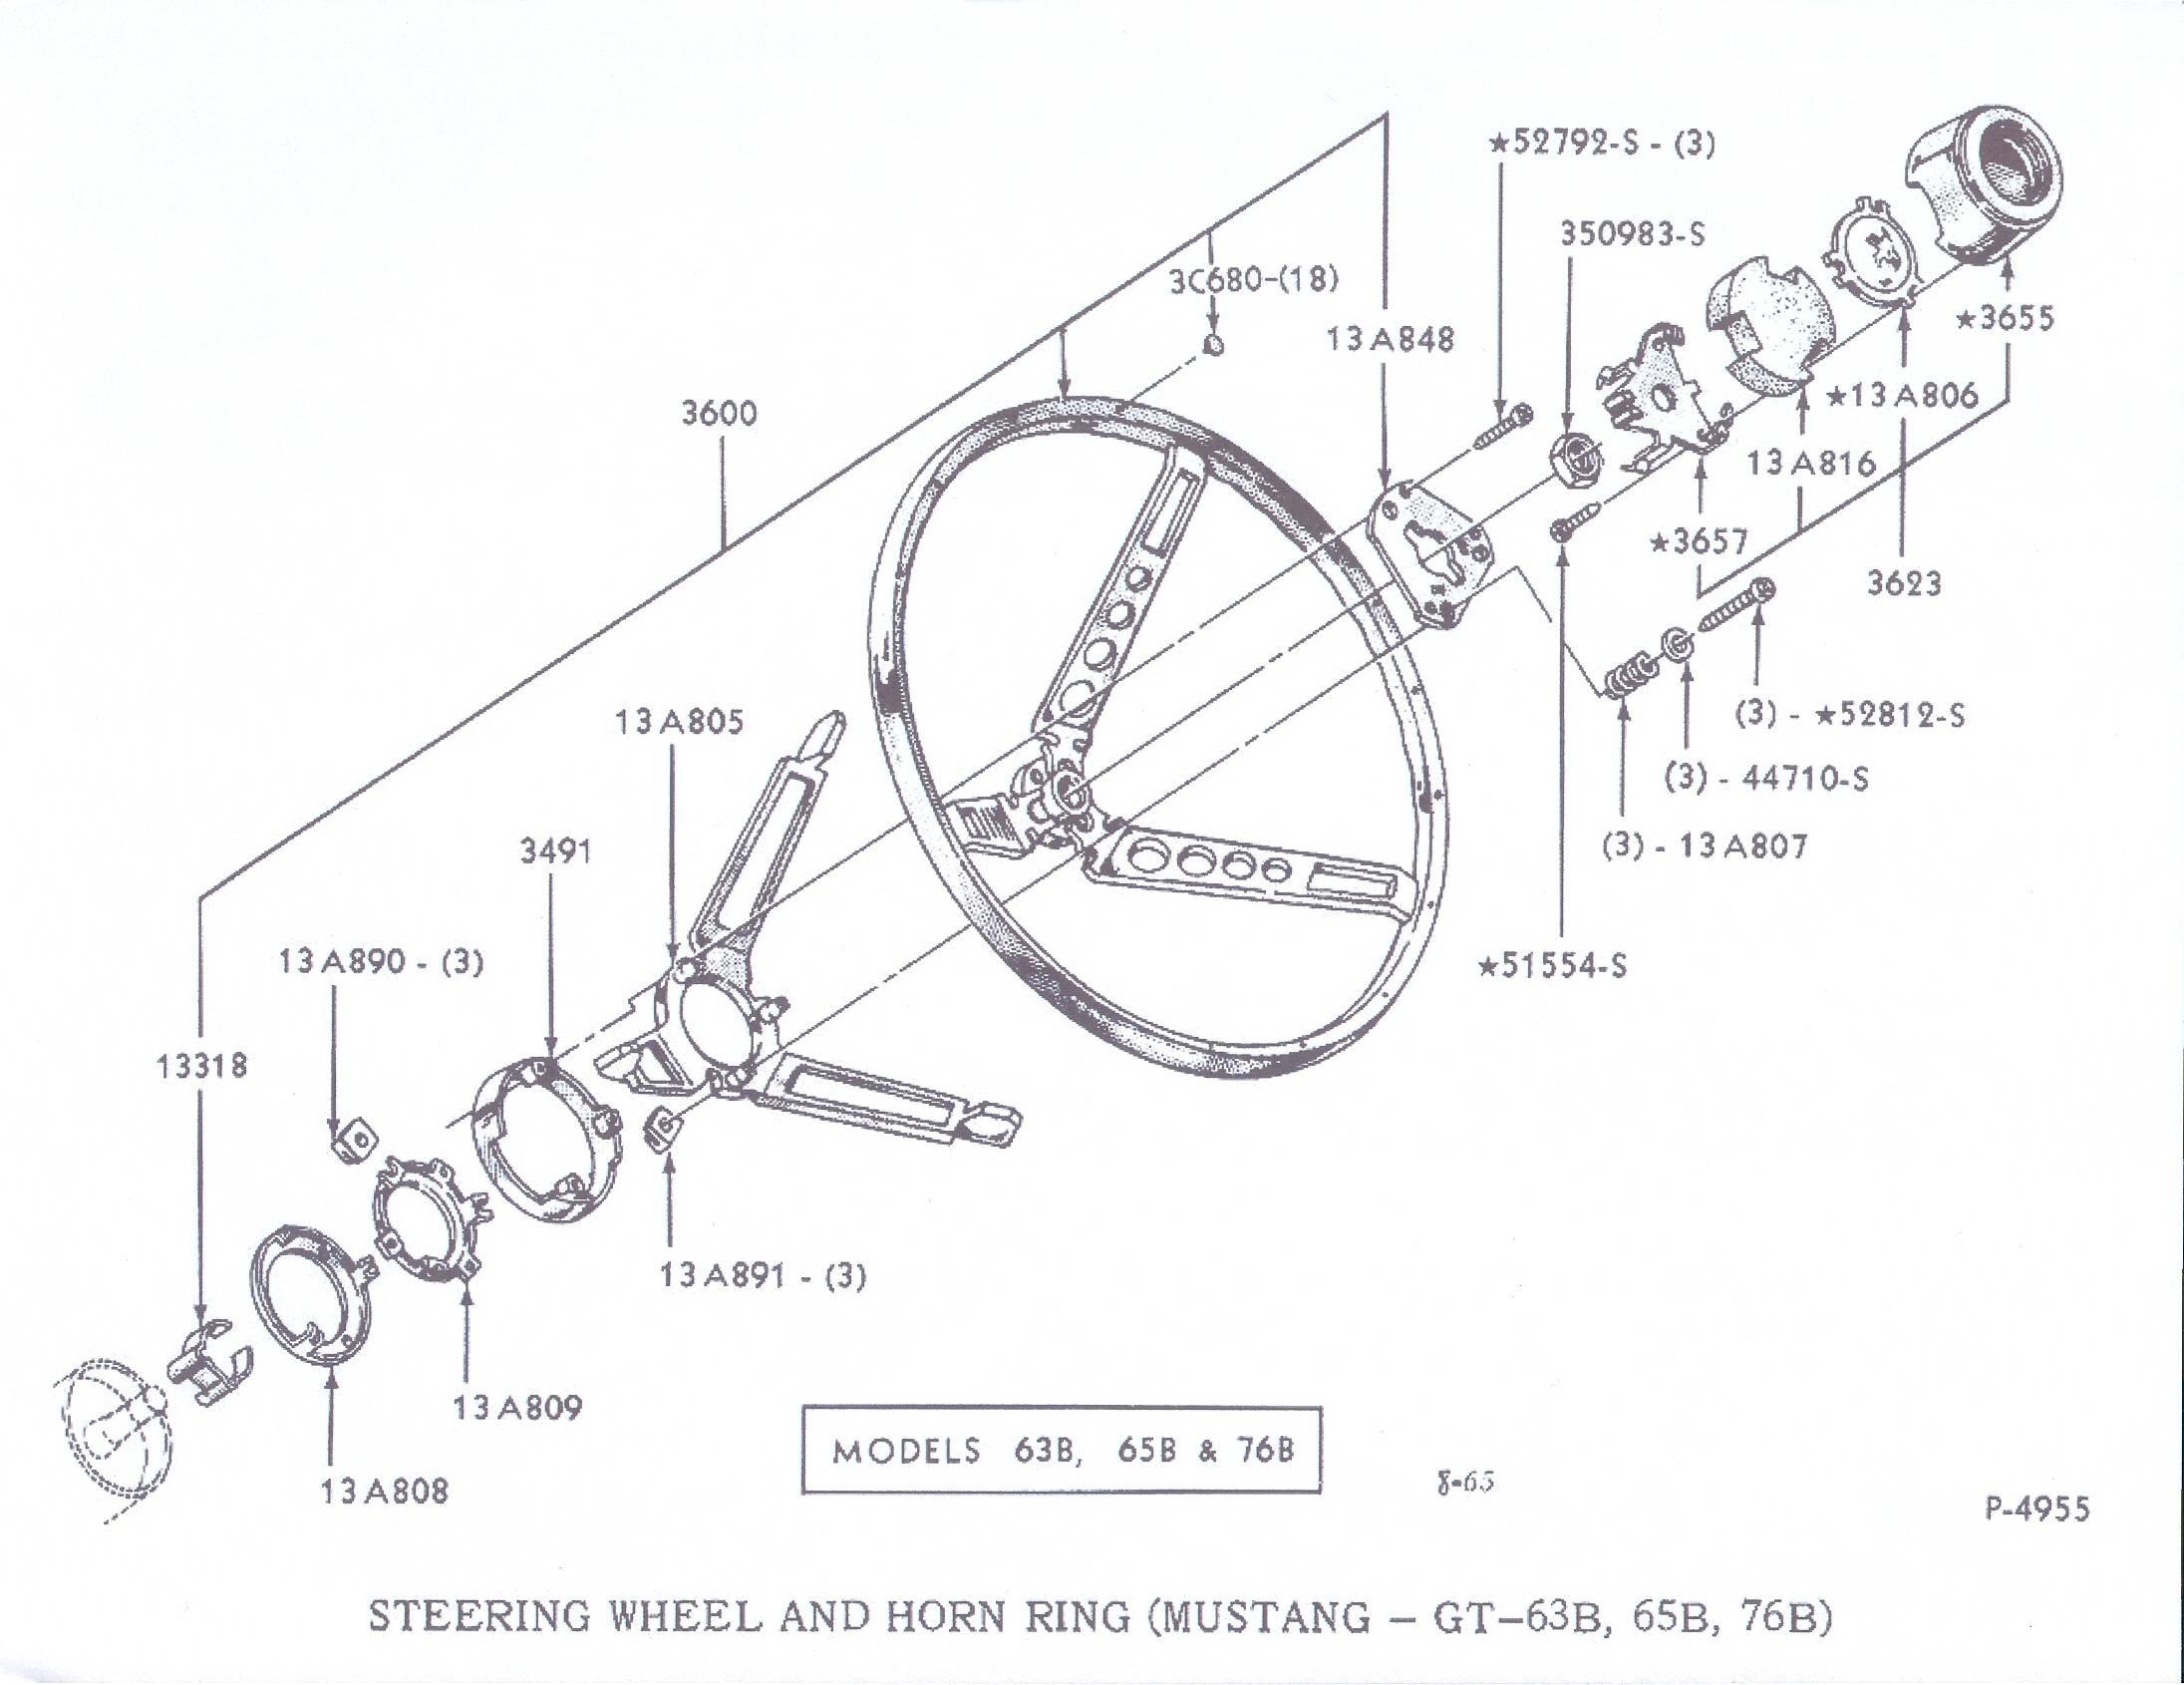 Parts Of A Car Wheel Diagram Car Steering Wheel Drawing at Getdrawings Of Parts Of A Car Wheel Diagram